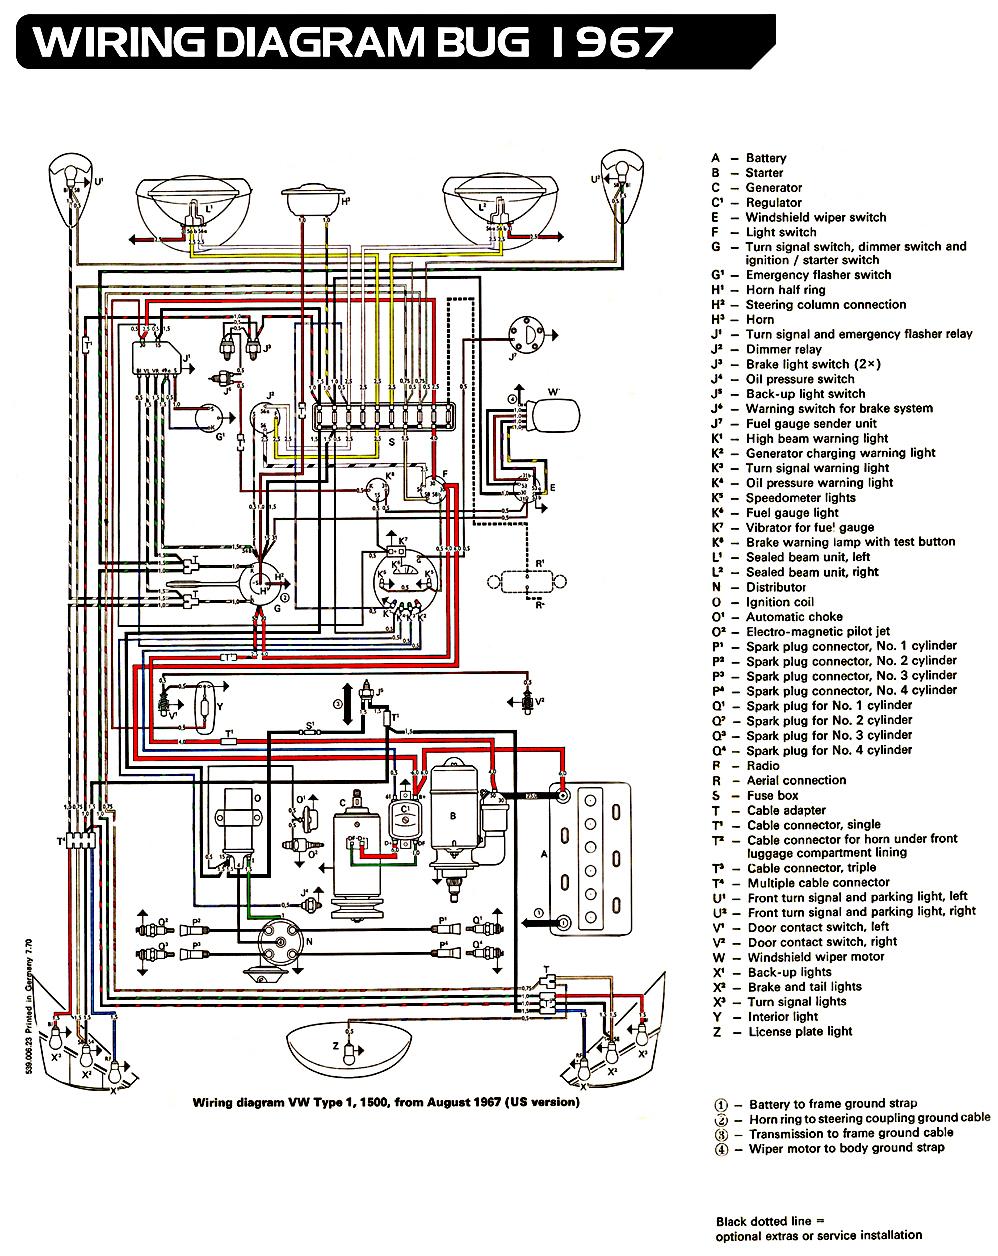 [VR_0414] John Deere Wiper Motor Wiring Diagram Schematic ...